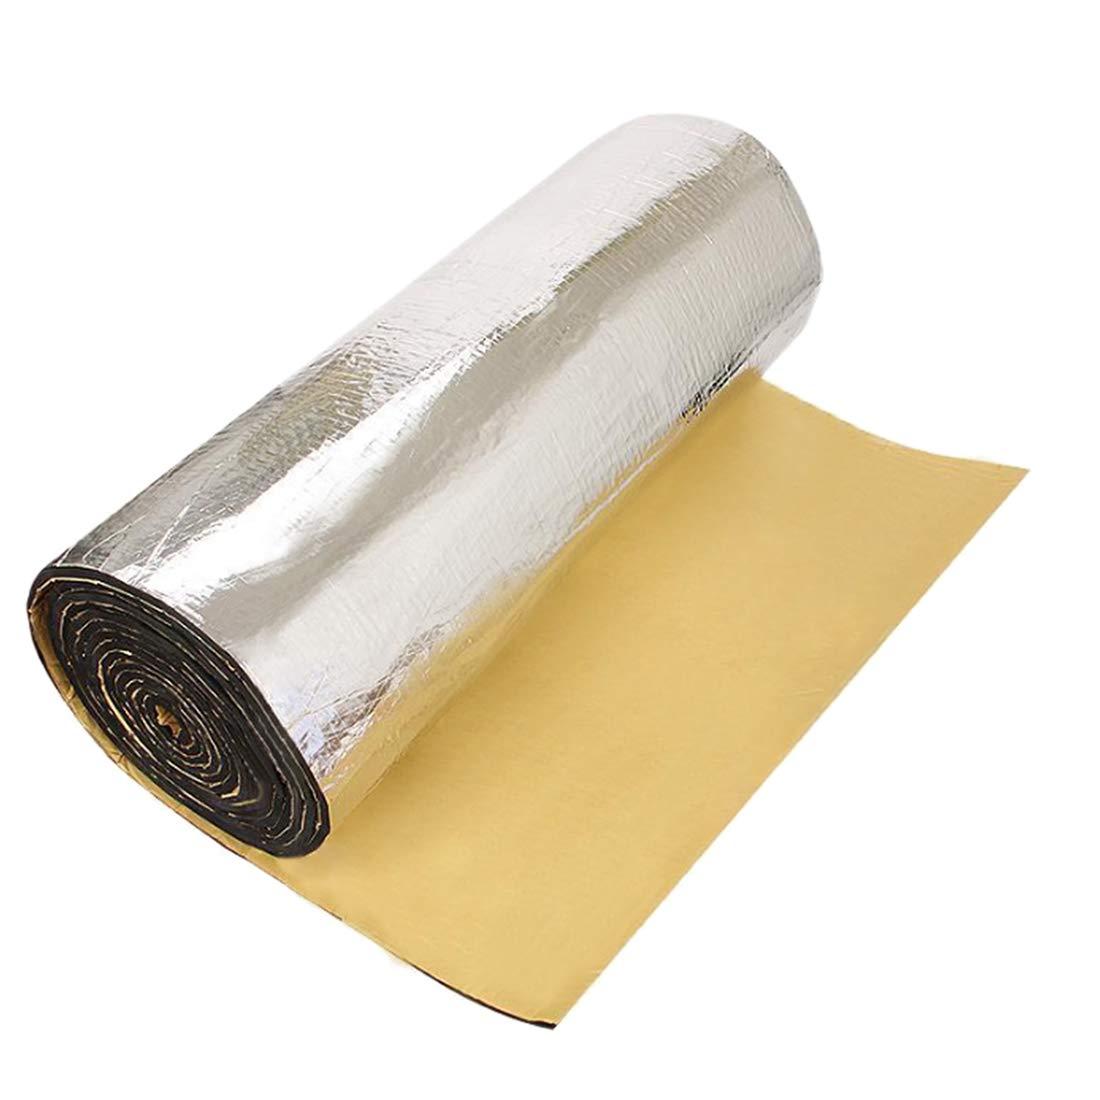 uxcell 197mil 5mm 31.96sqft Car Heat Sound Deadener Insulation Mat Glass Fiber Cotton Liner 118x39 Inches